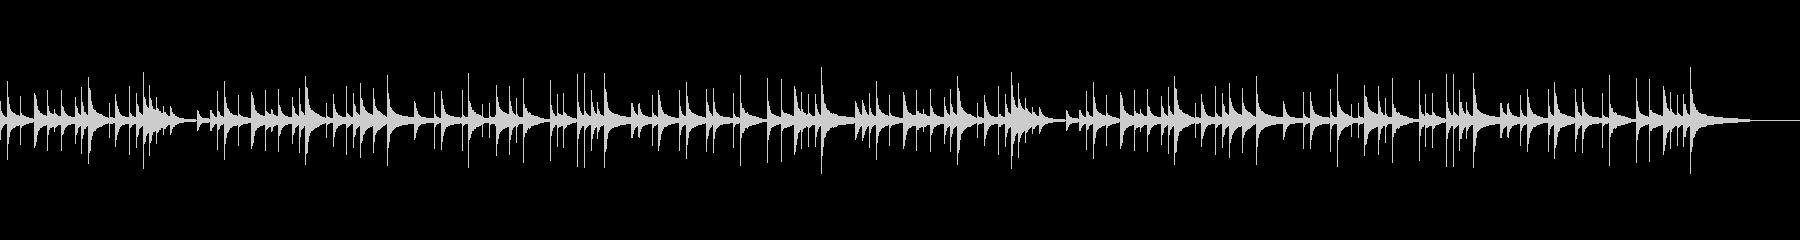 優しい鉄琴の音色で癒しのオルゴール風な曲の未再生の波形